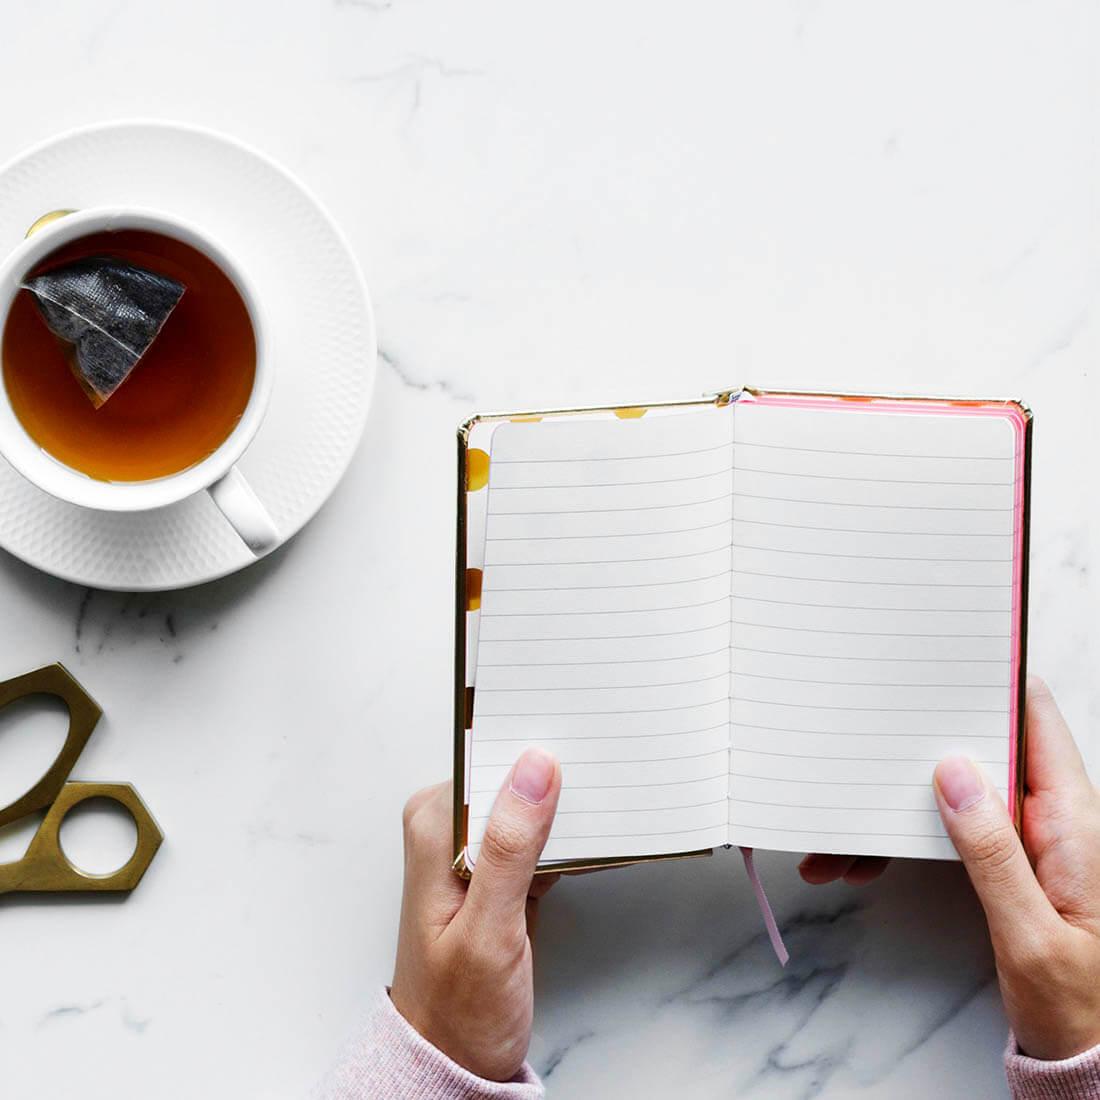 caderno e xícara de café